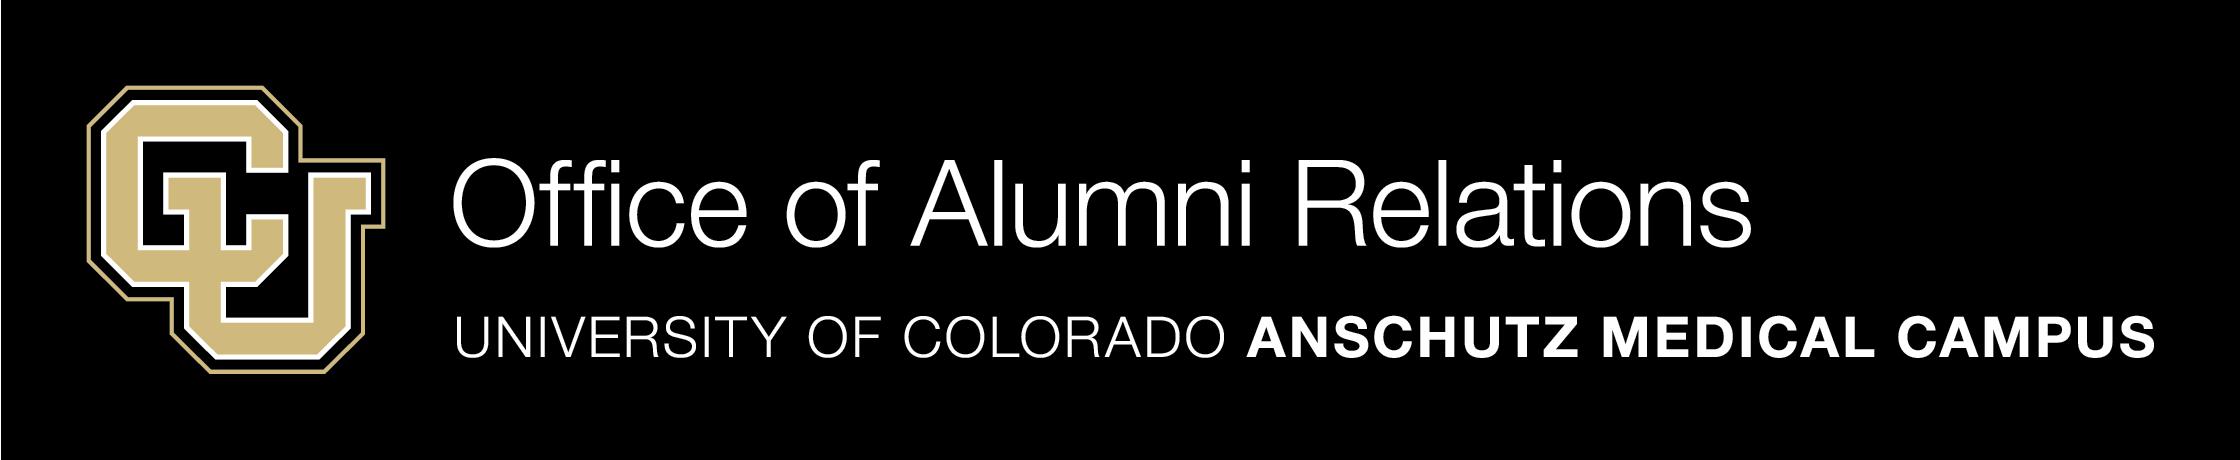 alumniAnschutz_h_clr_rvb